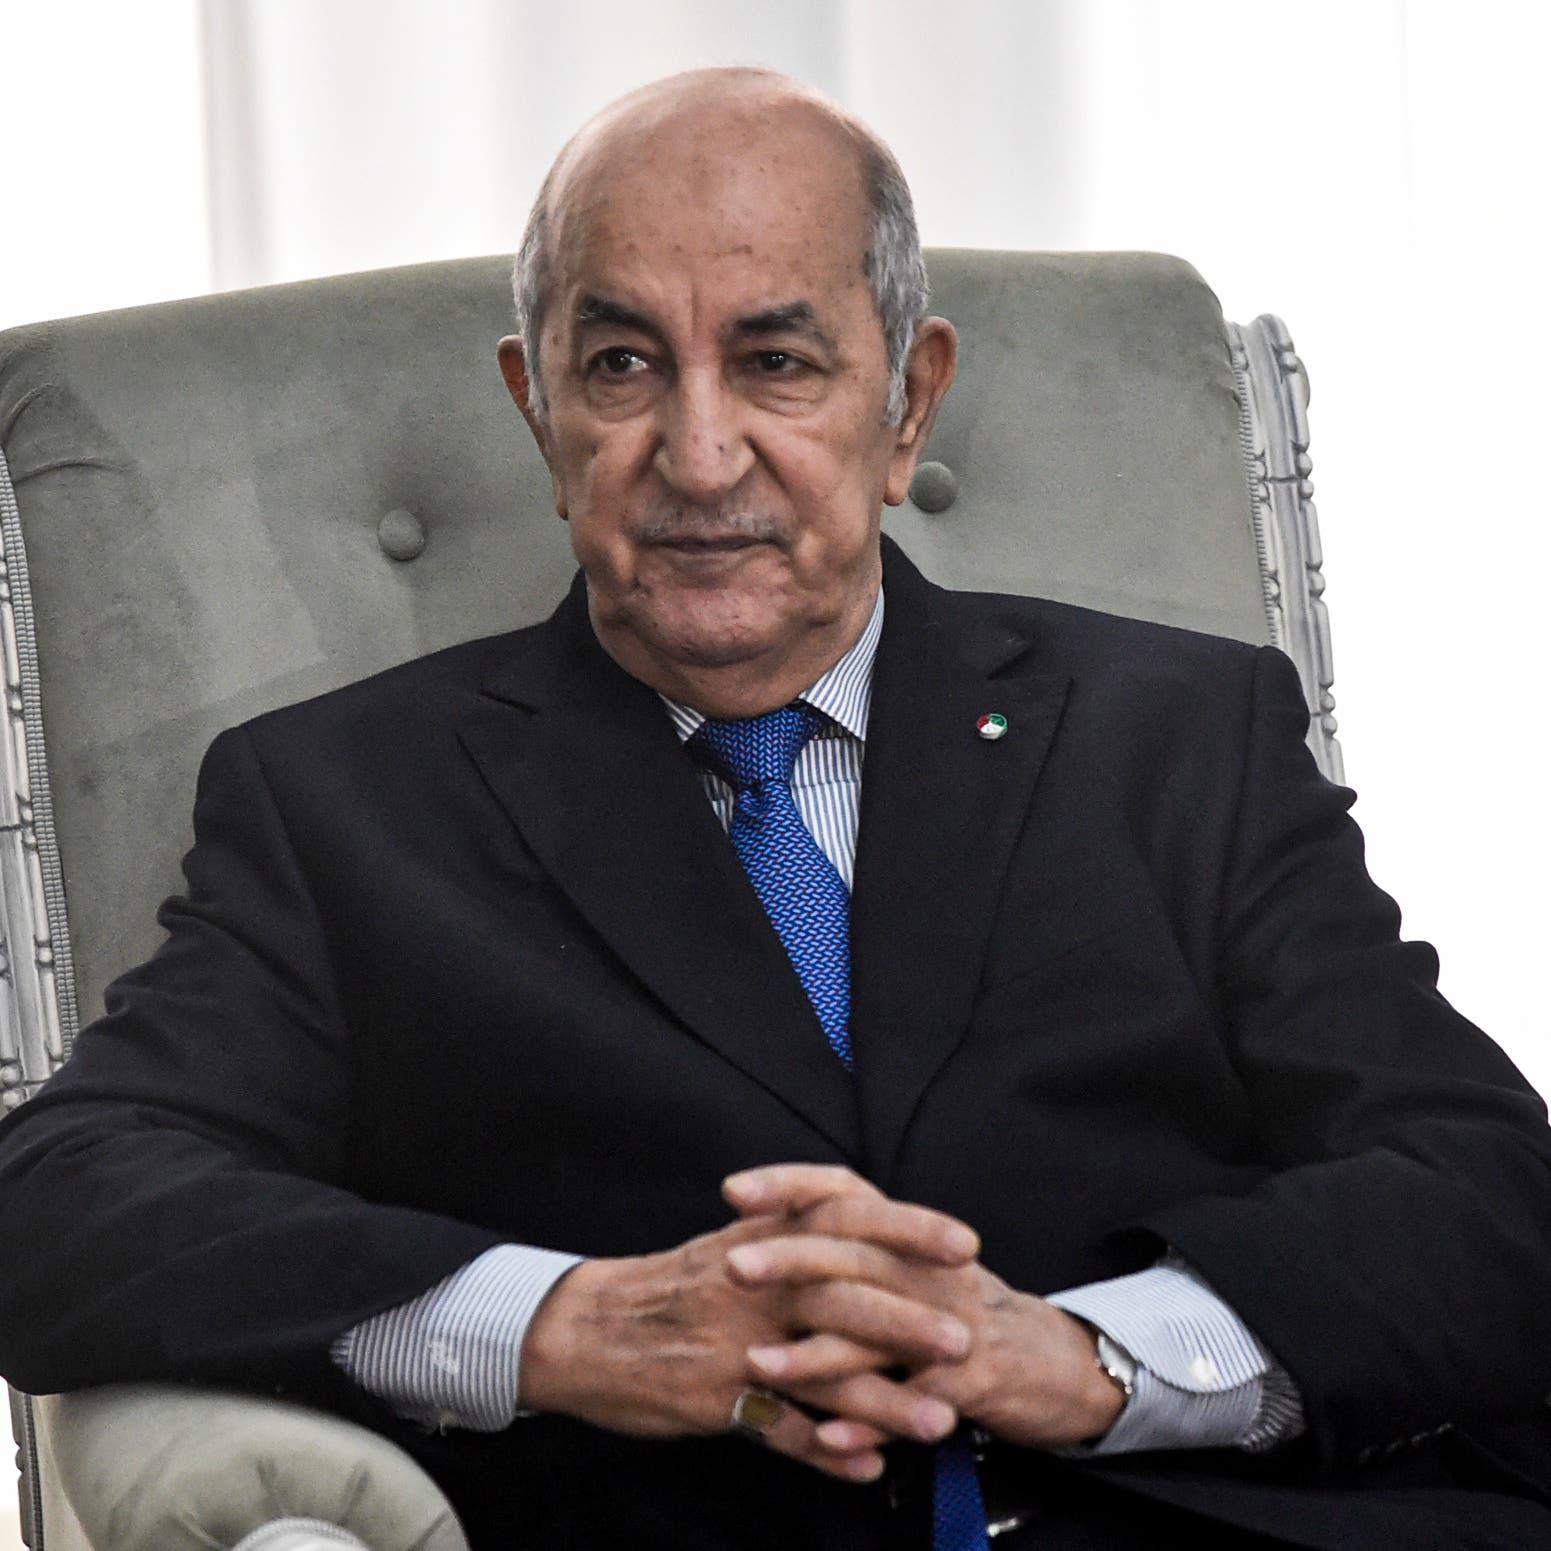 أول ظهور علني للرئيس الجزائري منذ نحو شهرين